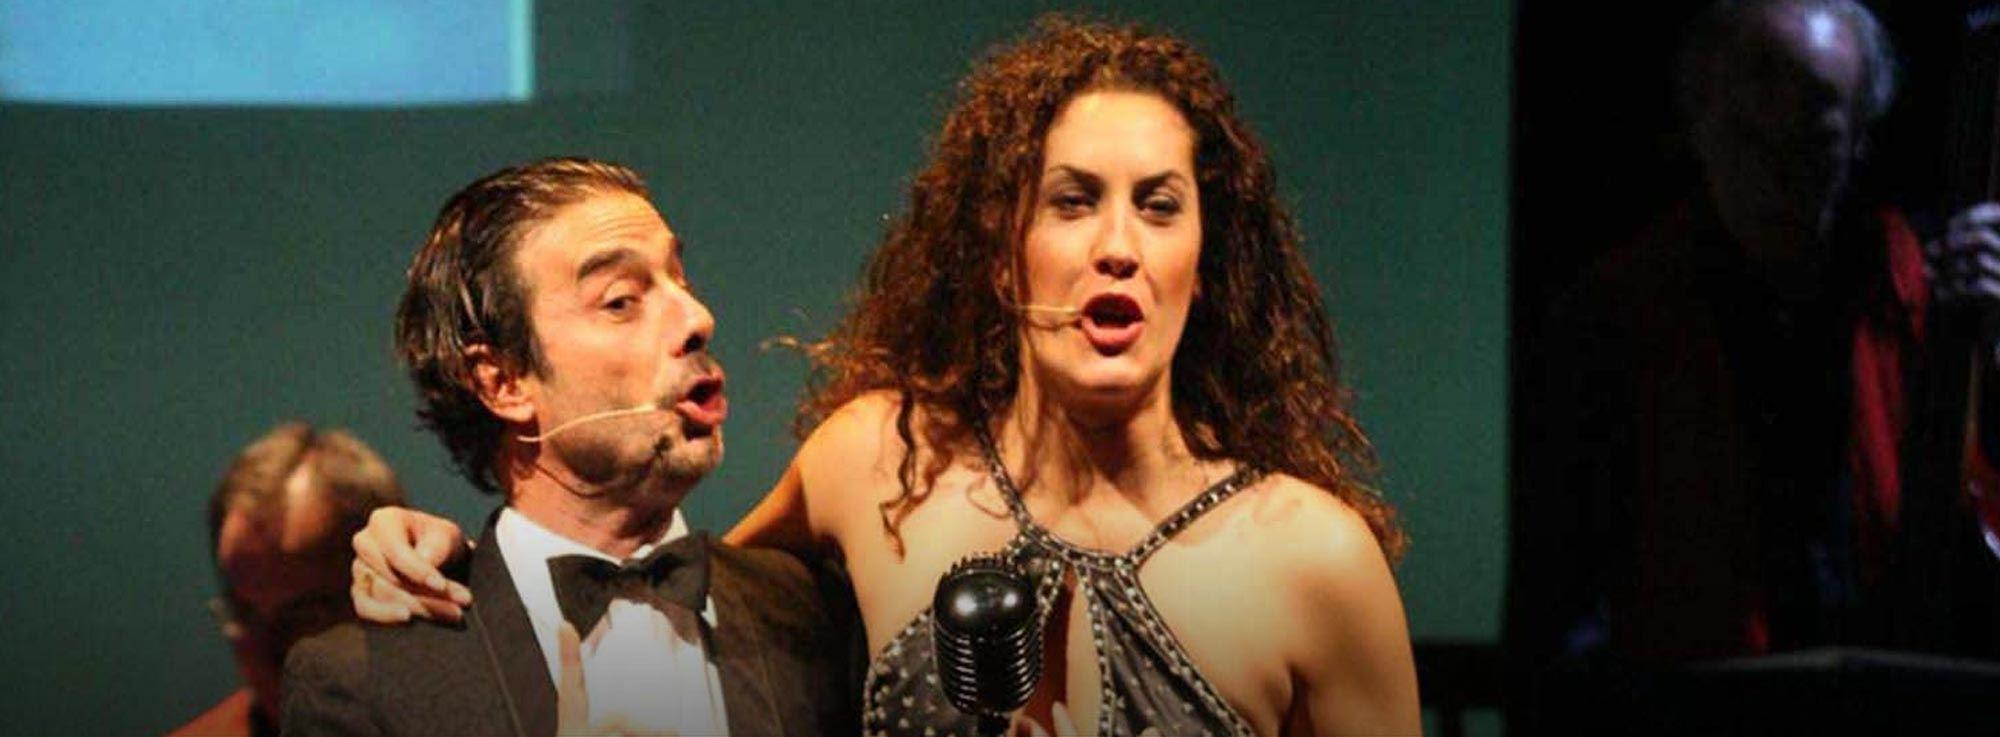 Taranto: Tenco a tempo di Tango